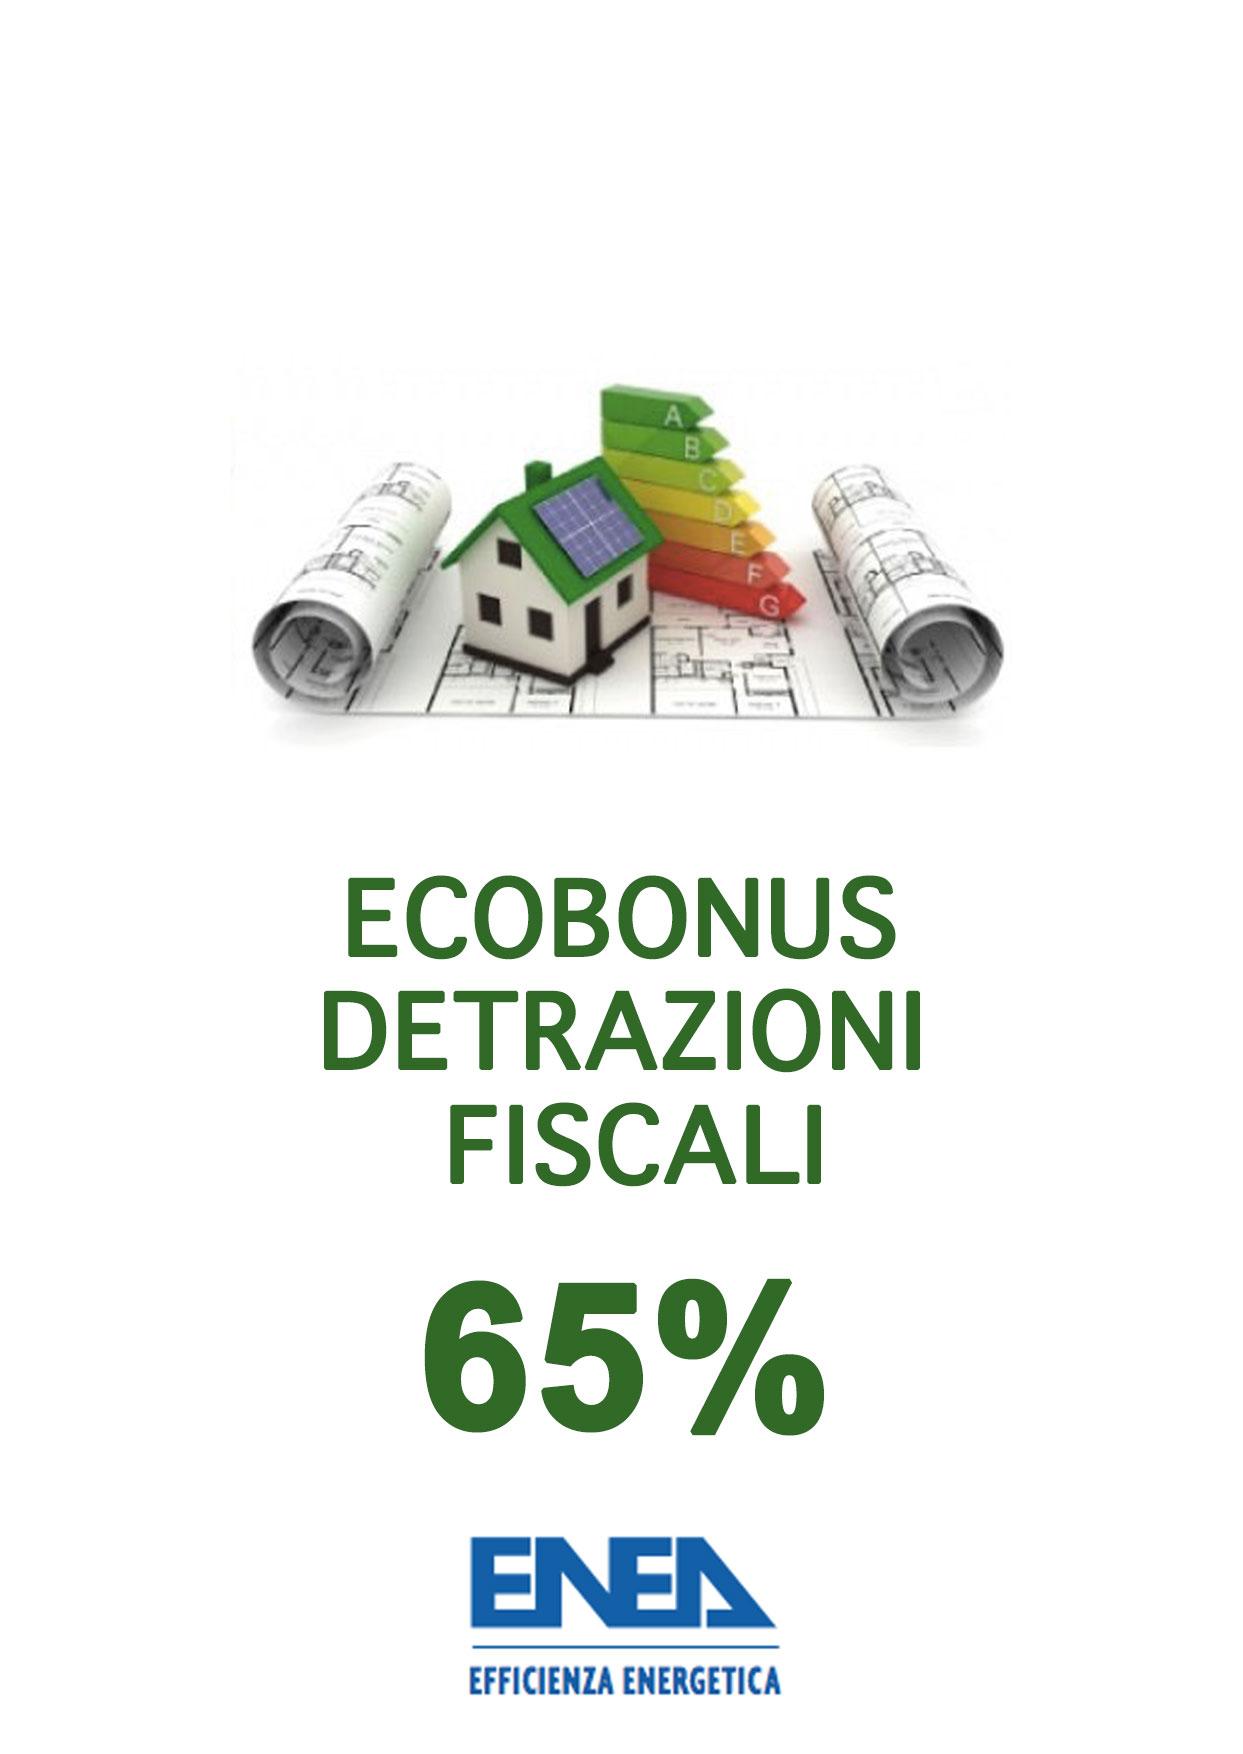 Pratiche detrazioni fiscali enea 65 seguiamo la tua pratica for Enea detrazioni fiscali 2016